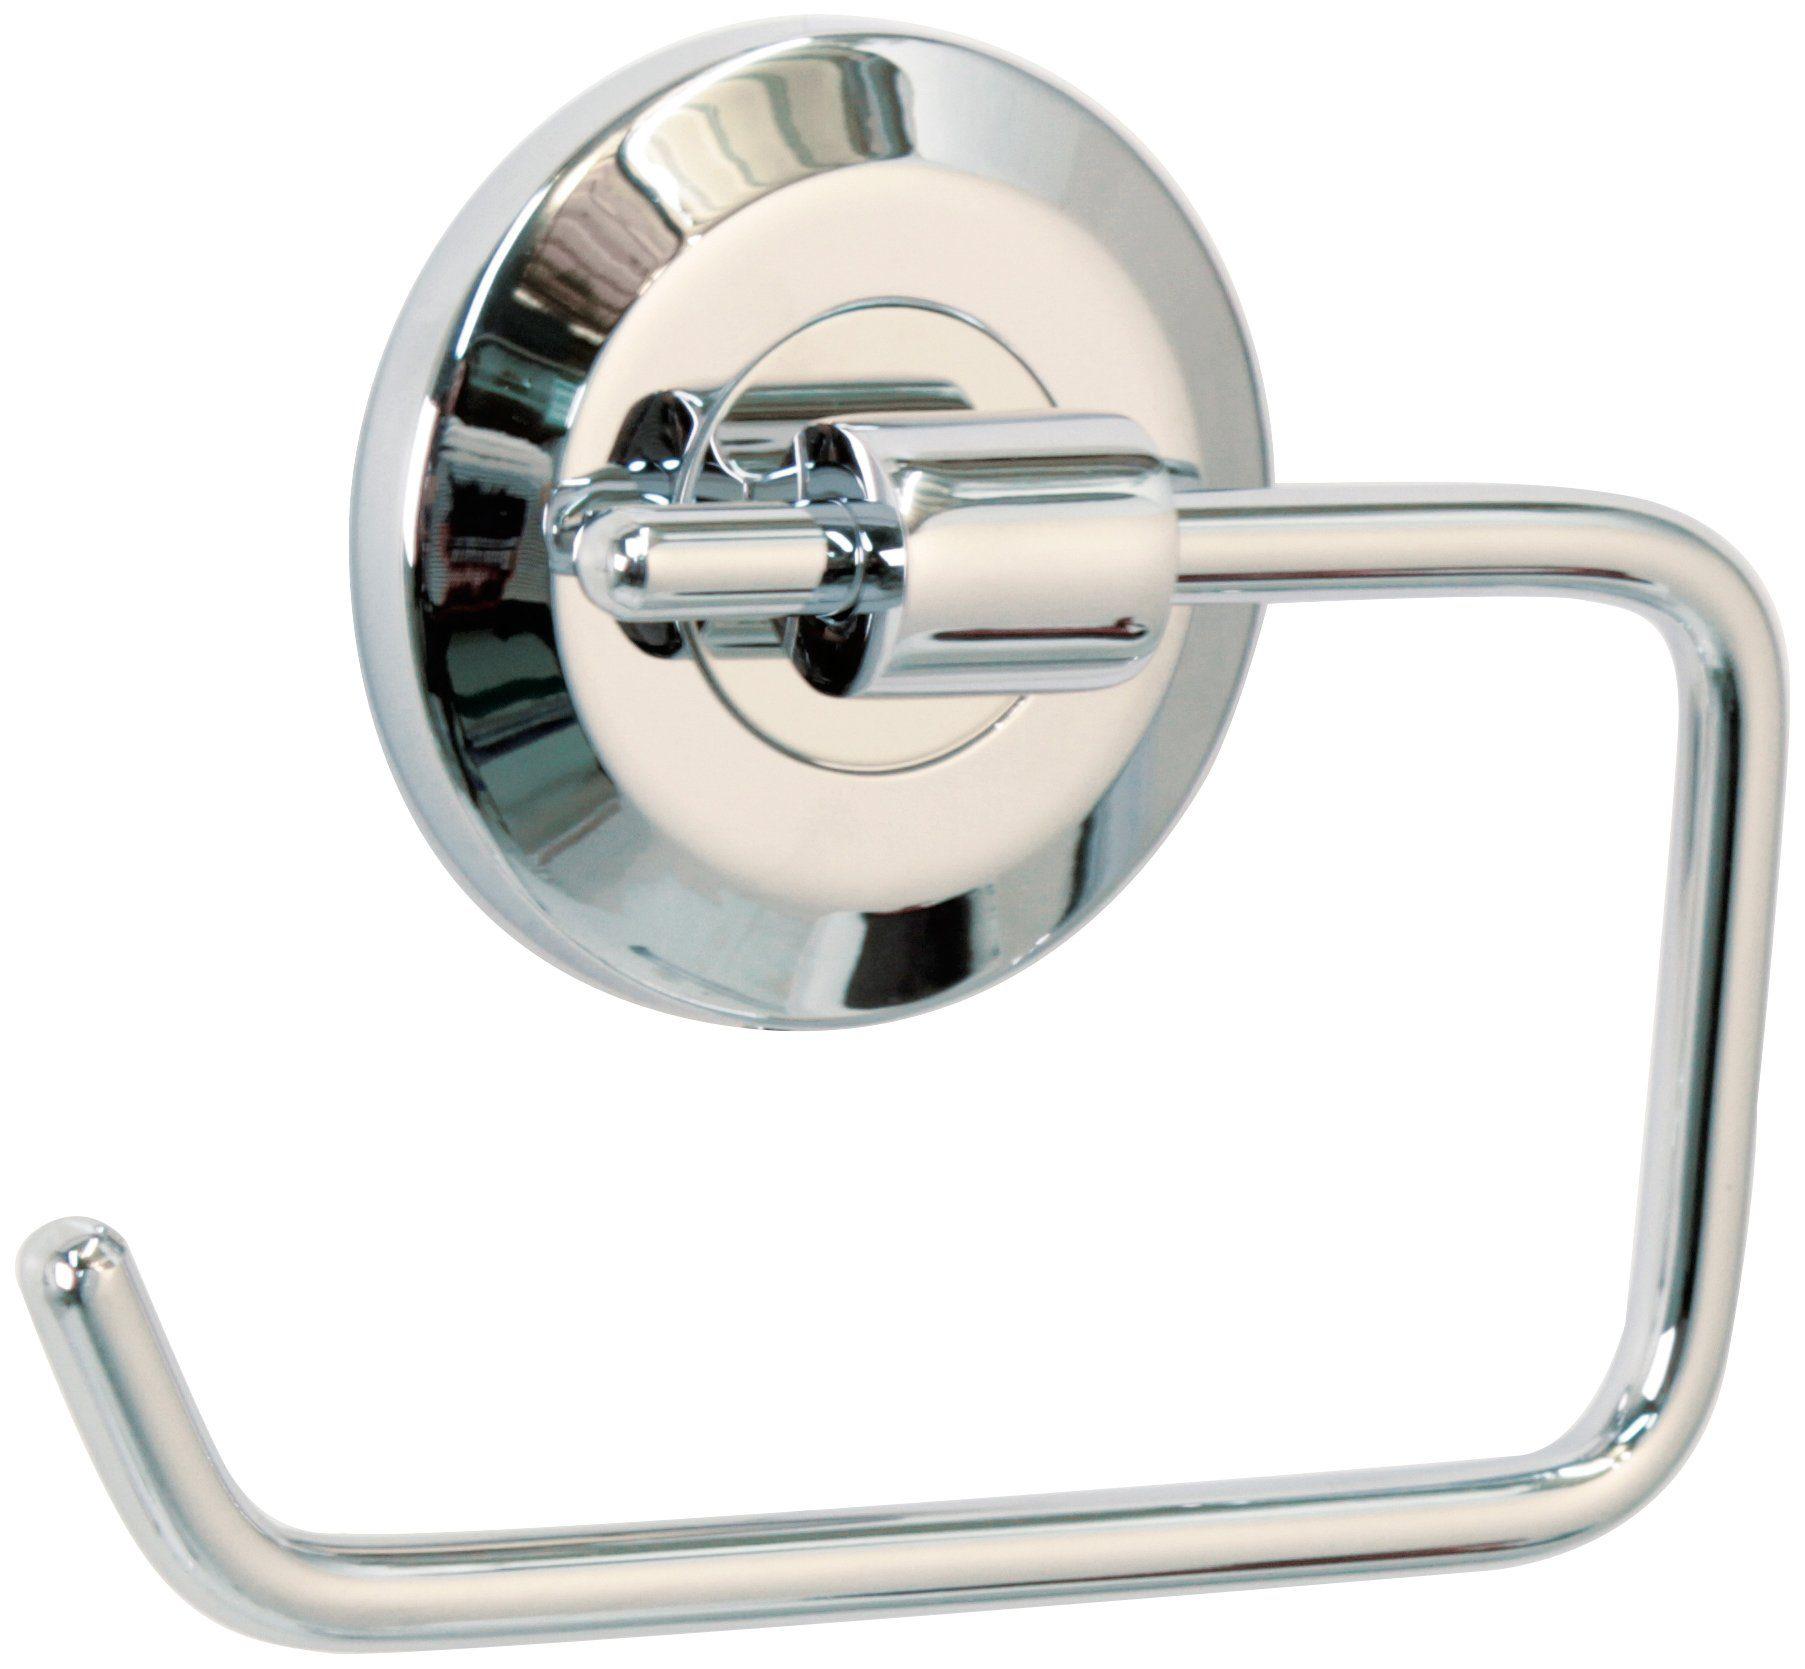 SCHÜTTE Toilettenpapierhalter »Verona«